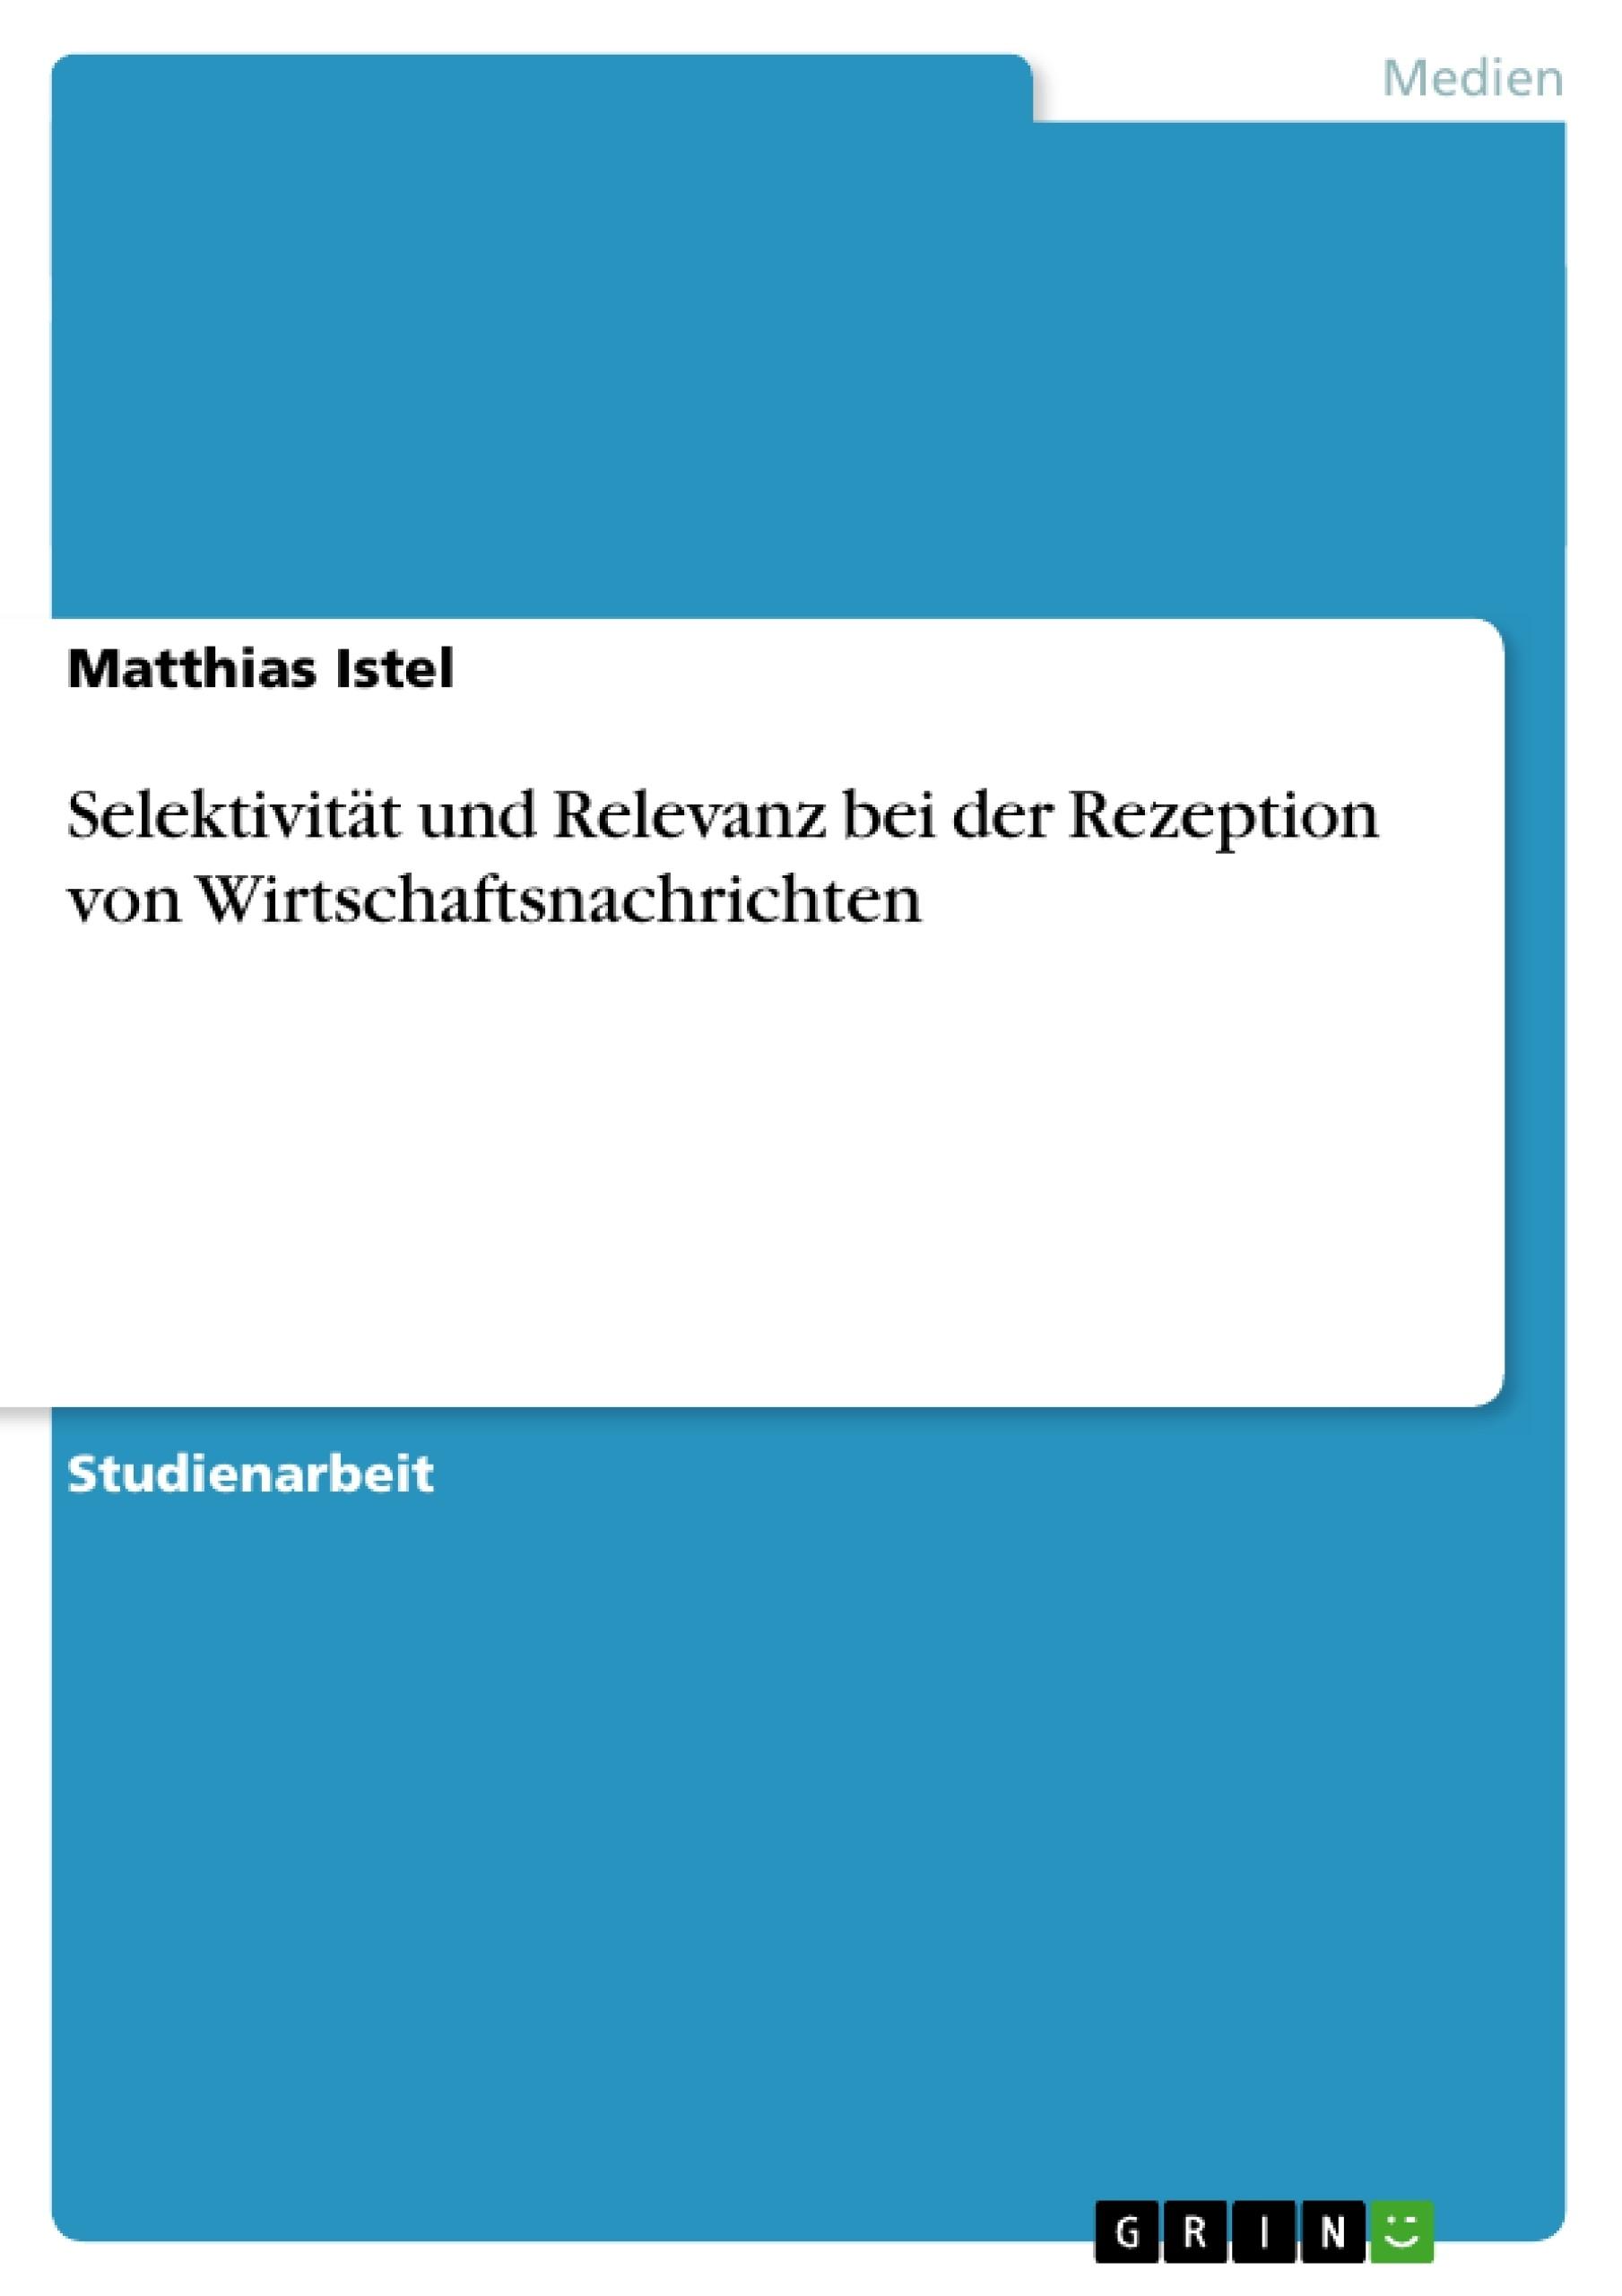 Titel: Selektivität und Relevanz bei der Rezeption von Wirtschaftsnachrichten